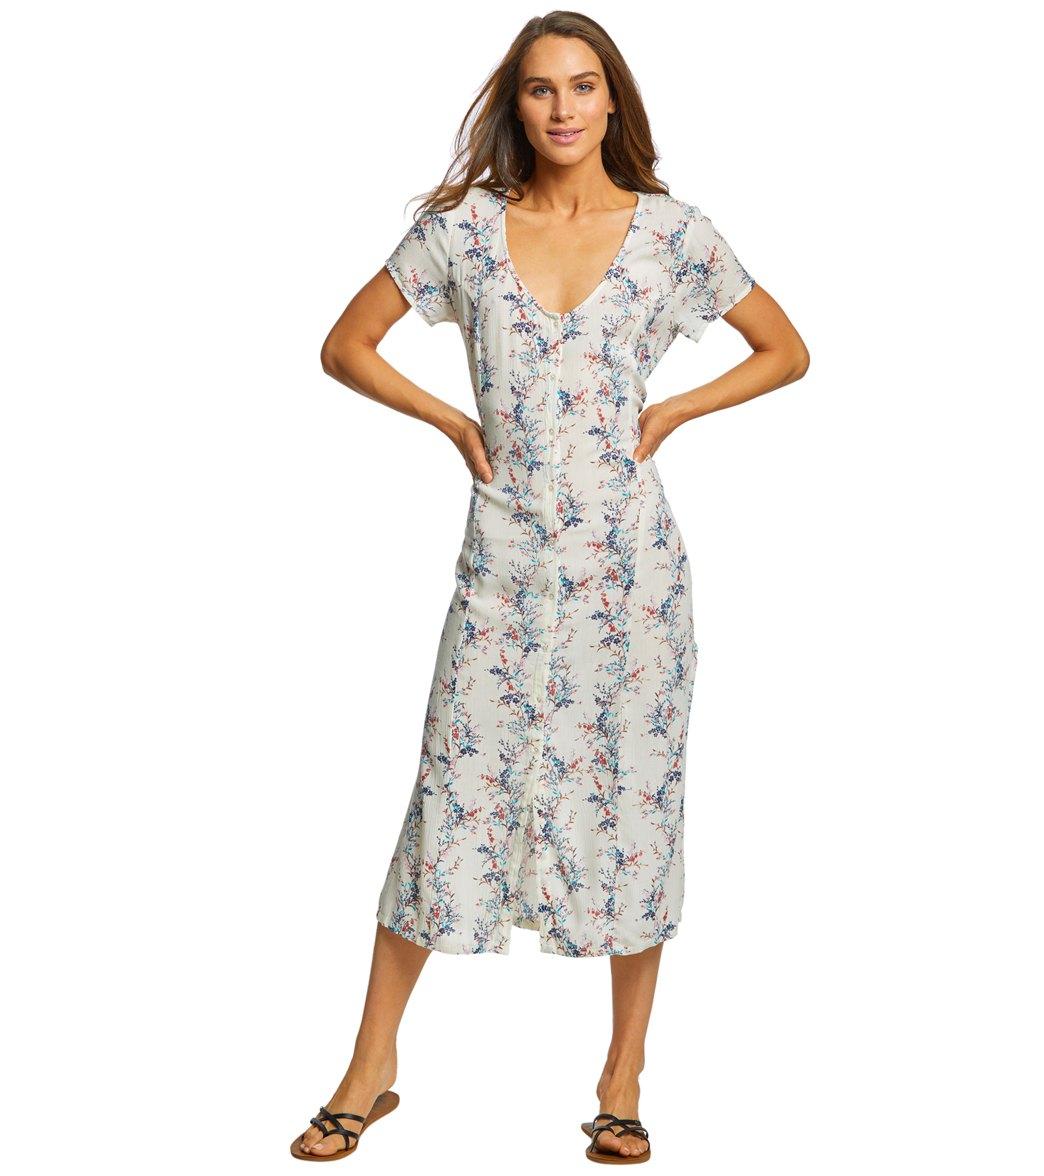 702e1768dd8 O'Neill Women's Amour Short Sleeve Long Dress at SwimOutlet.com ...